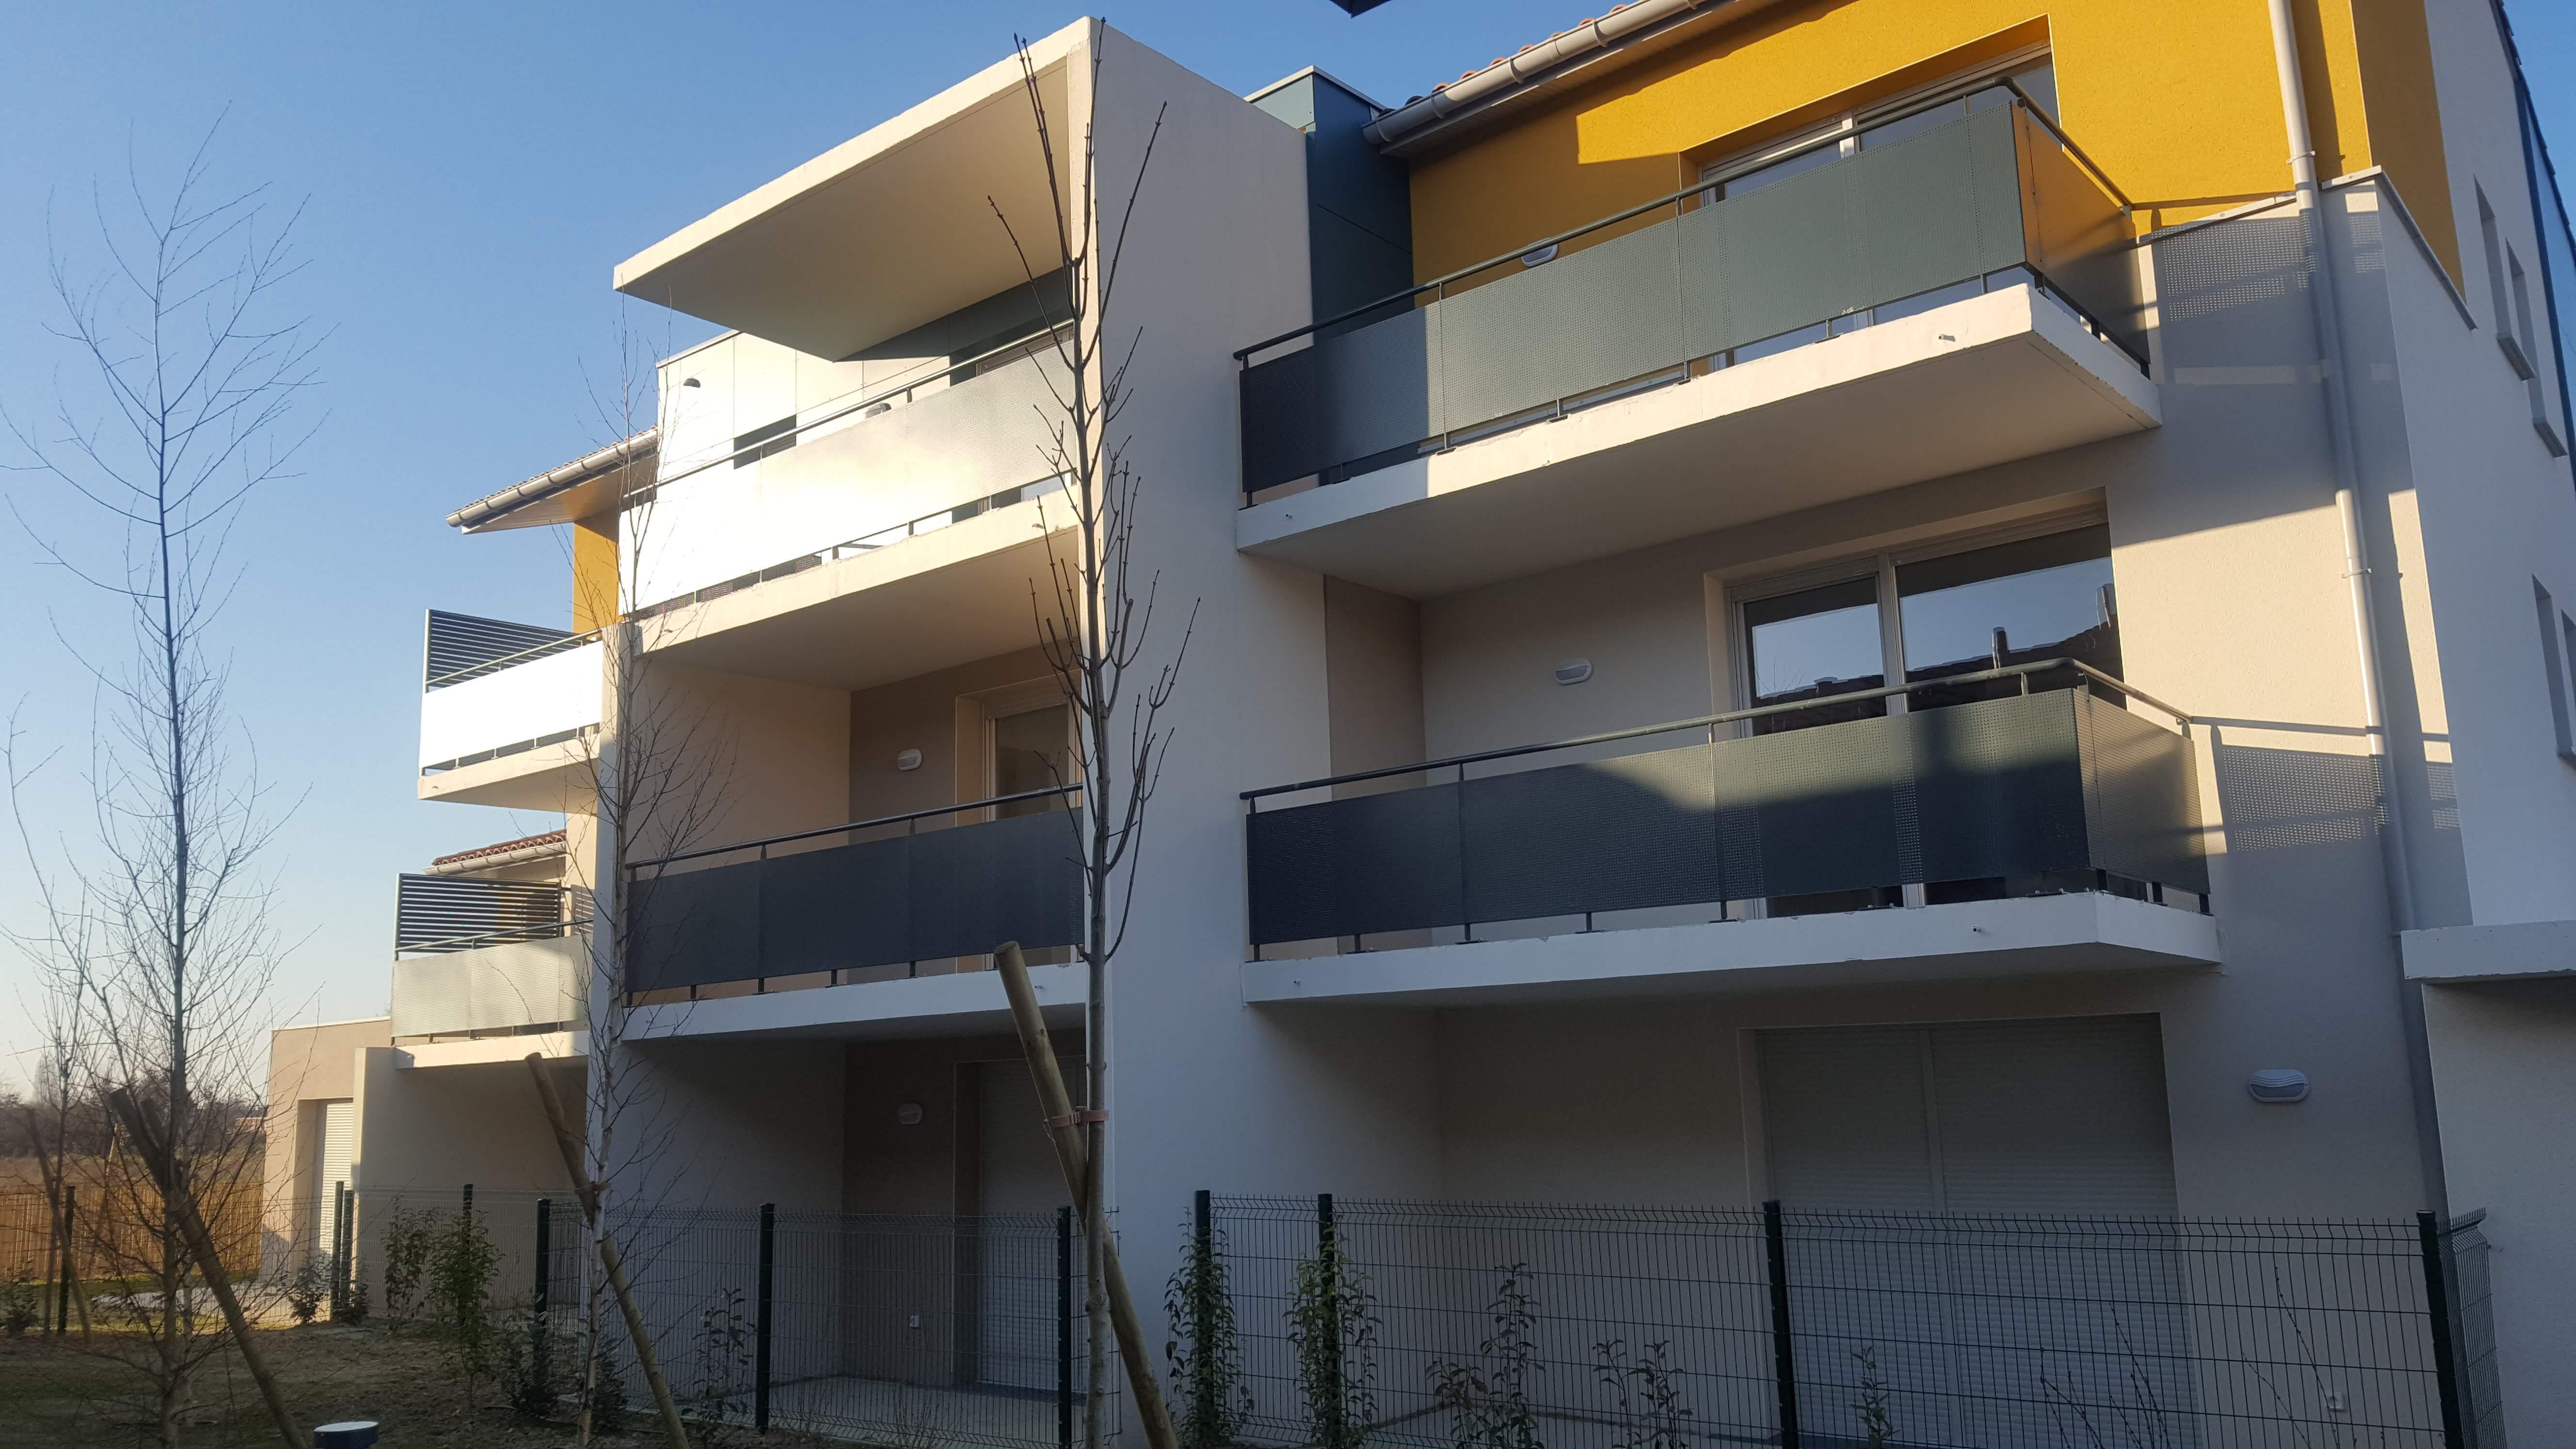 Un nouveau complexe de logements sociaux à Fronton : La Négrette